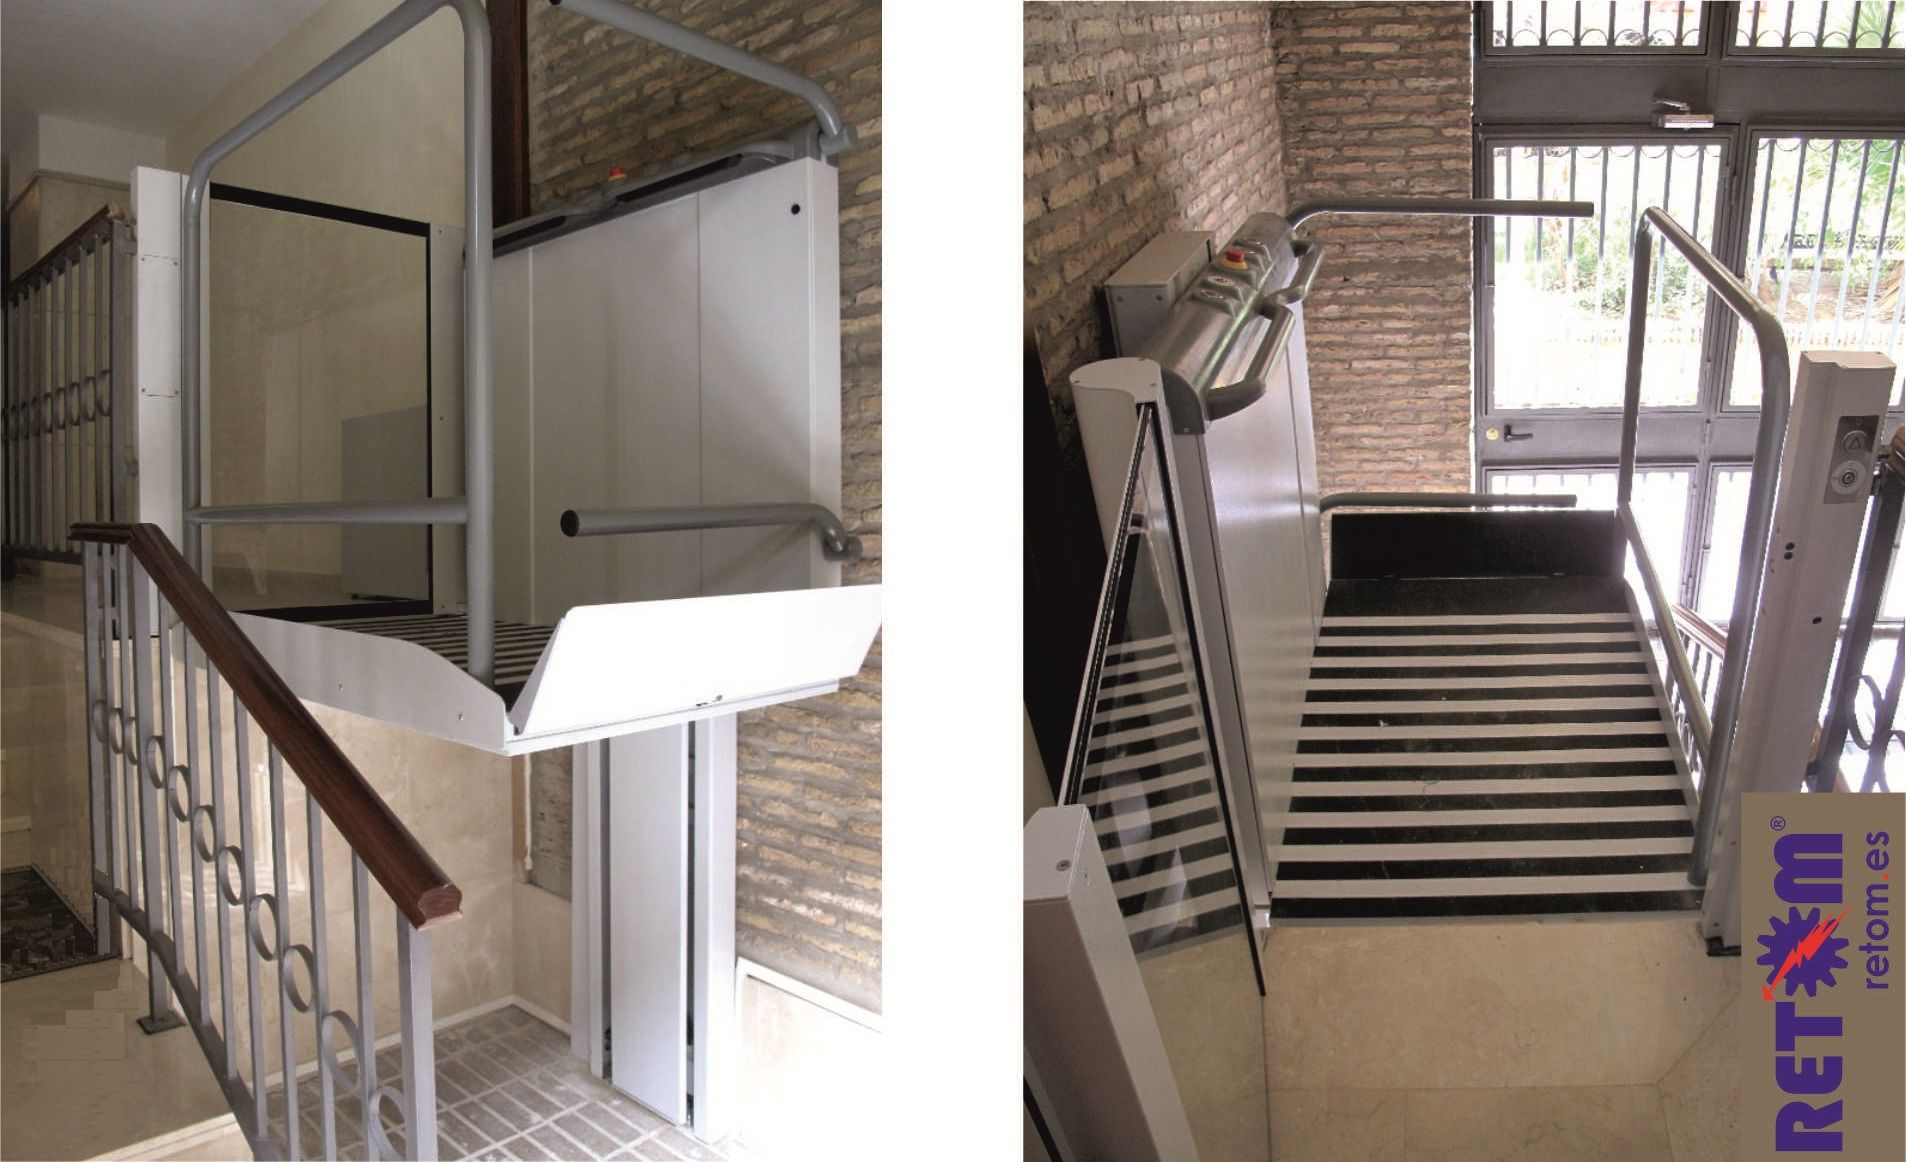 Plataforma elevadora vertical para silla de ruedas sin for Salvaescaleras vertical